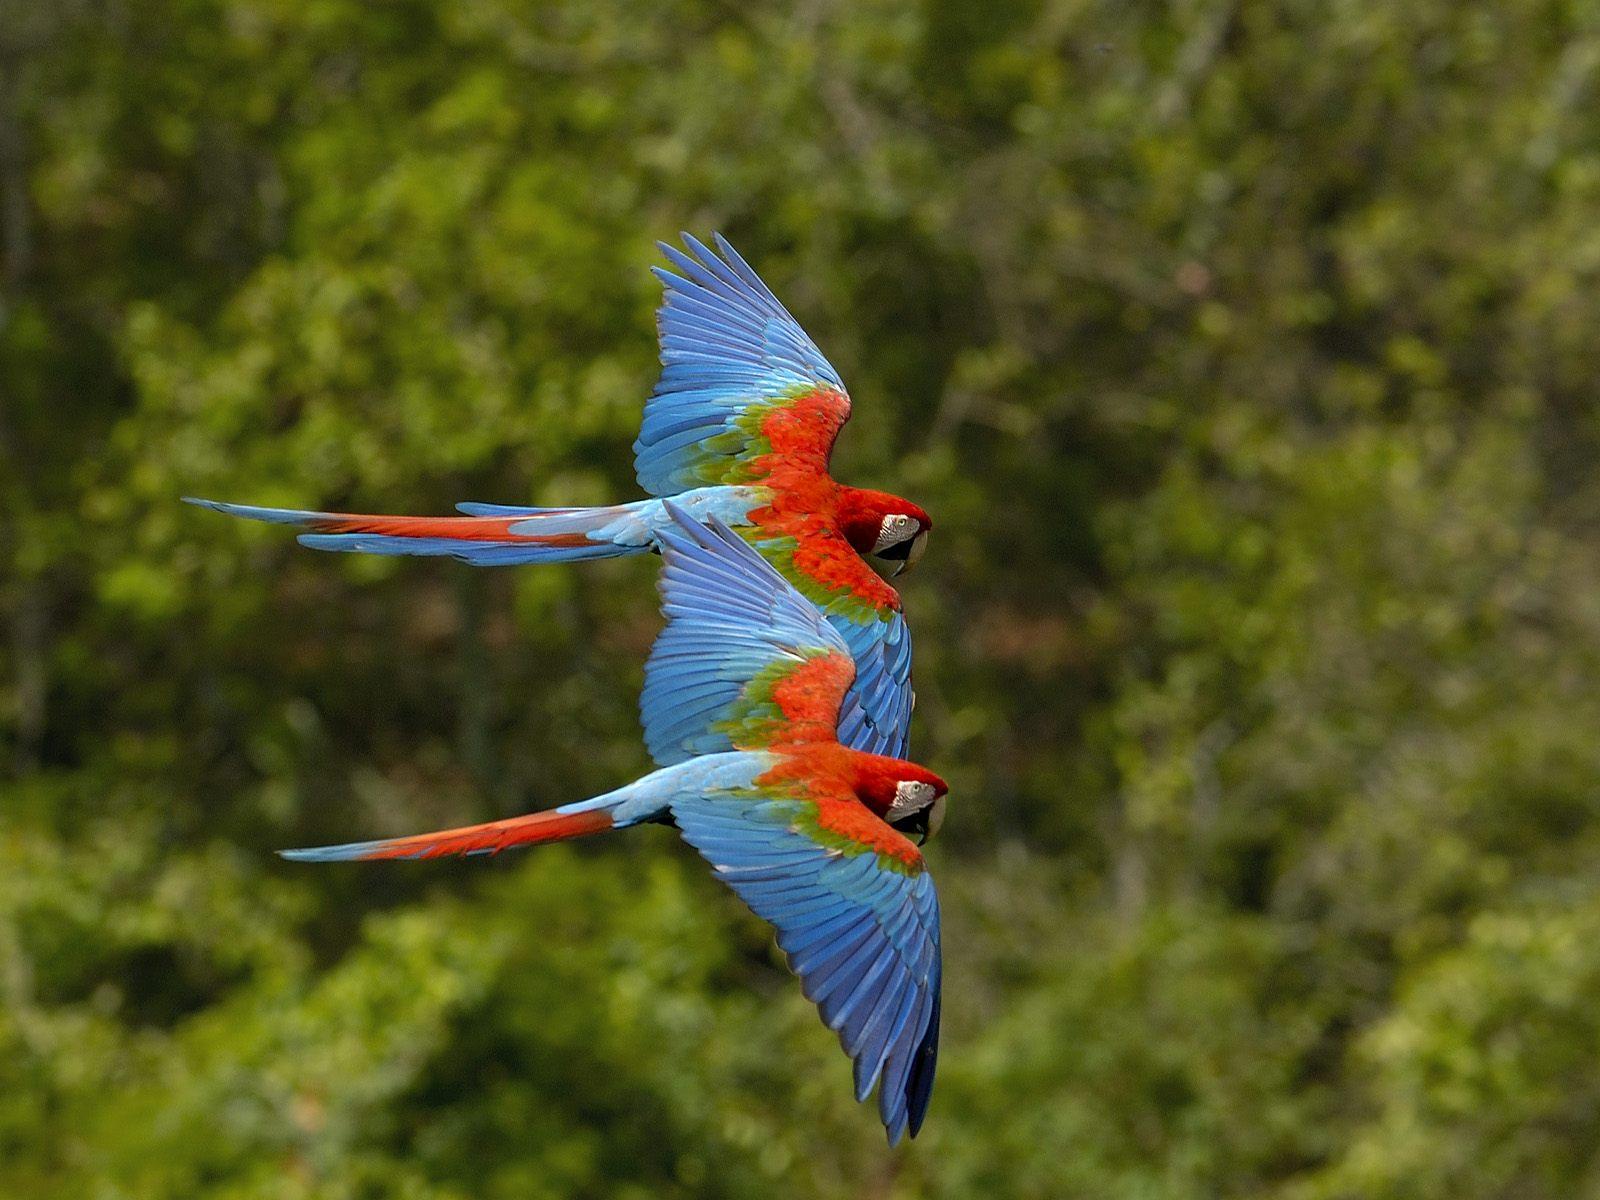 birds wallpapers birds wallpaper bird wallpaper bird 1600x1200